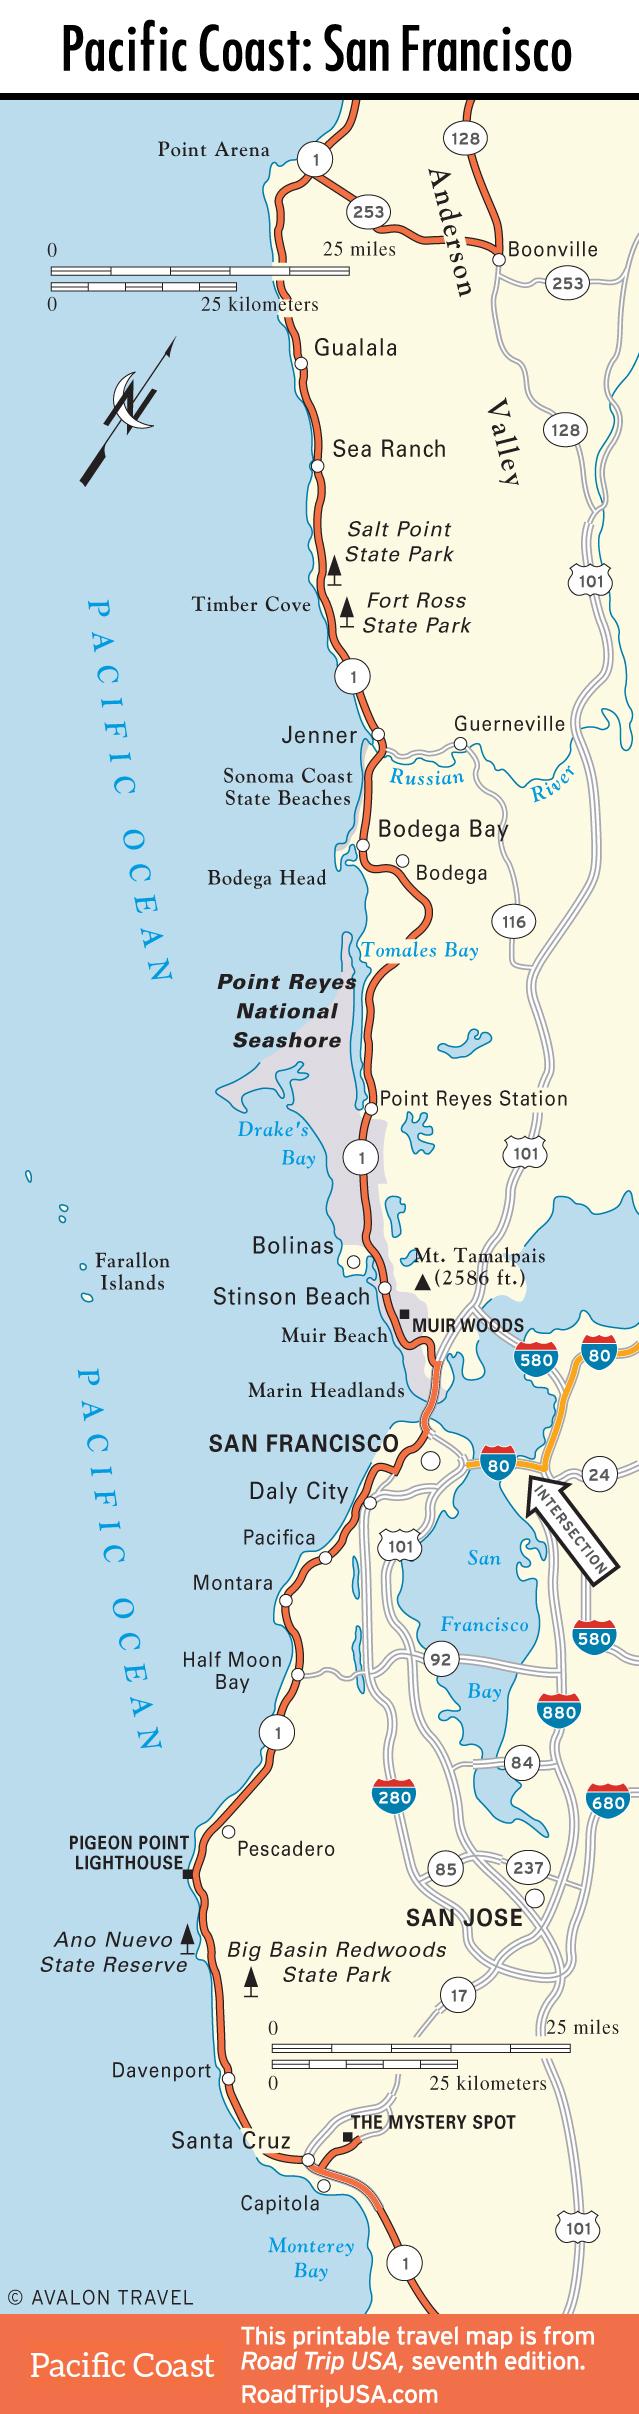 Map Of Oregon And California Coast Oregon Road Trip With Kids Travel - Map Of Oregon And California Coastline